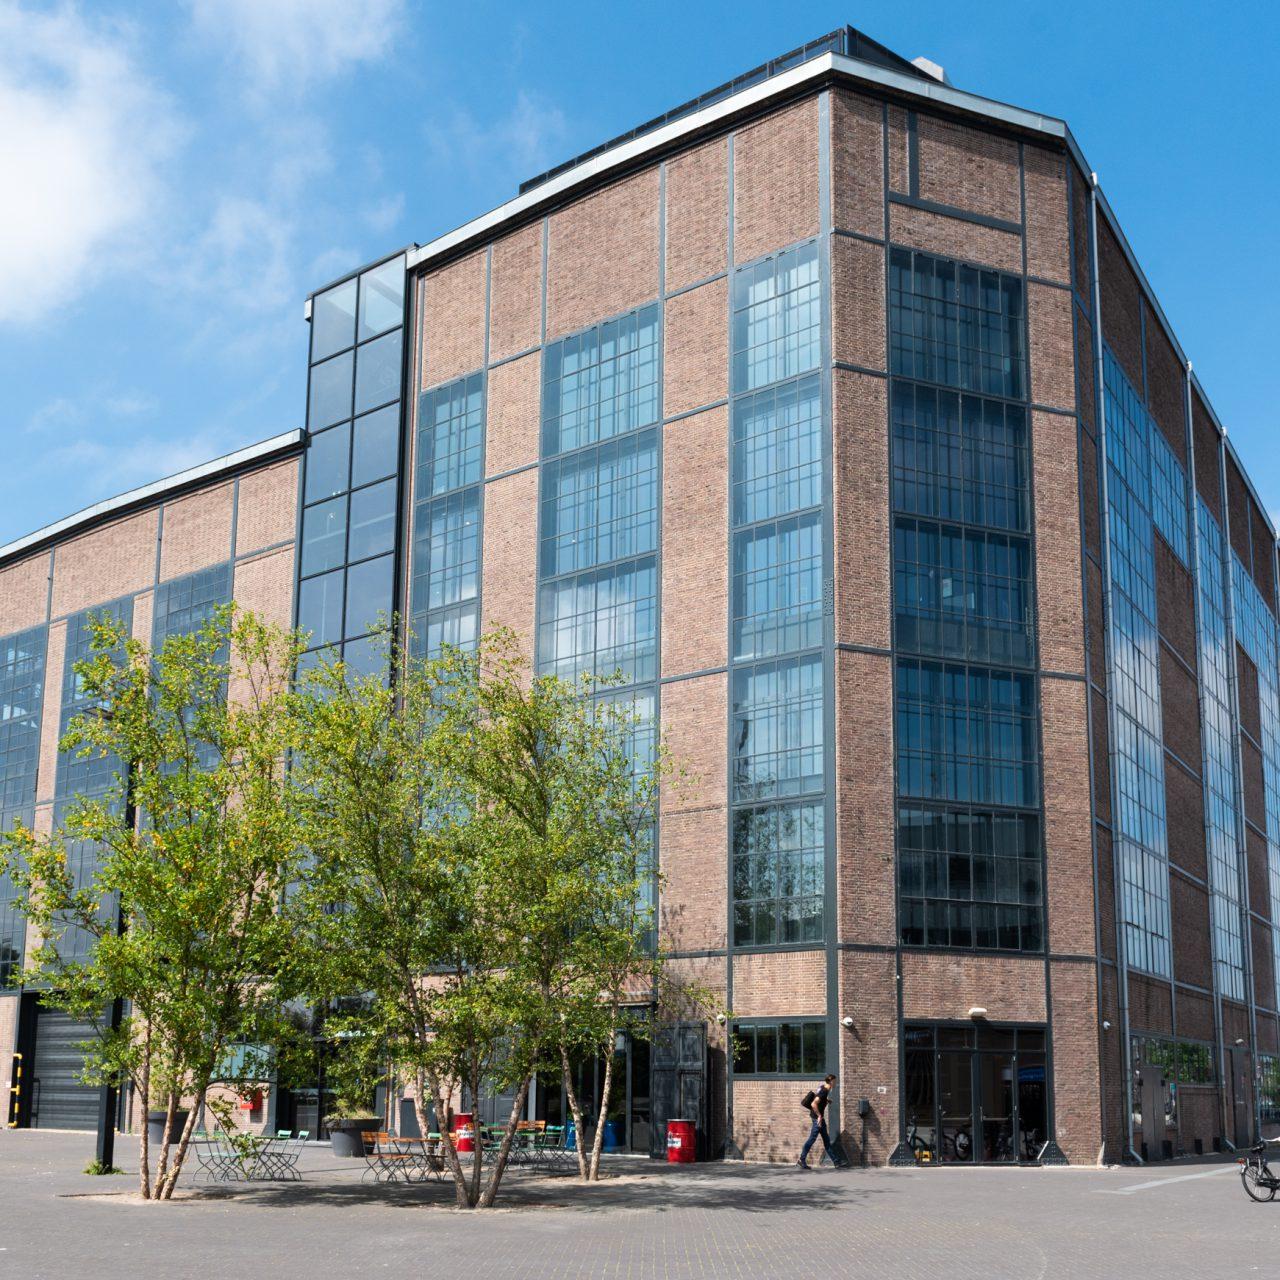 Energiehuis - Dordrecht - cultuur - podia